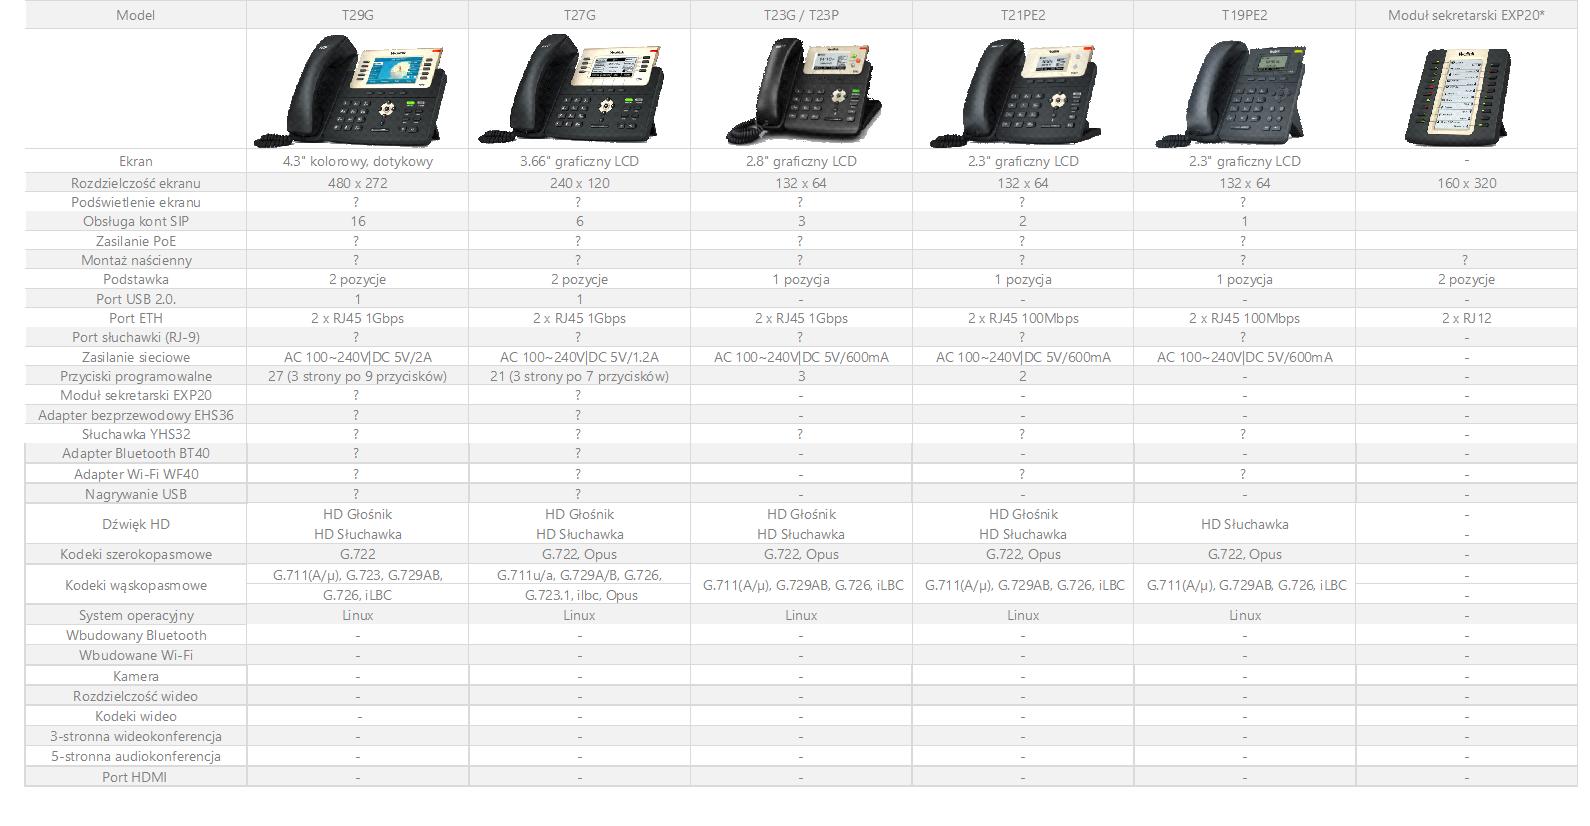 porównanie modeli telefonów z serii t2x yealink